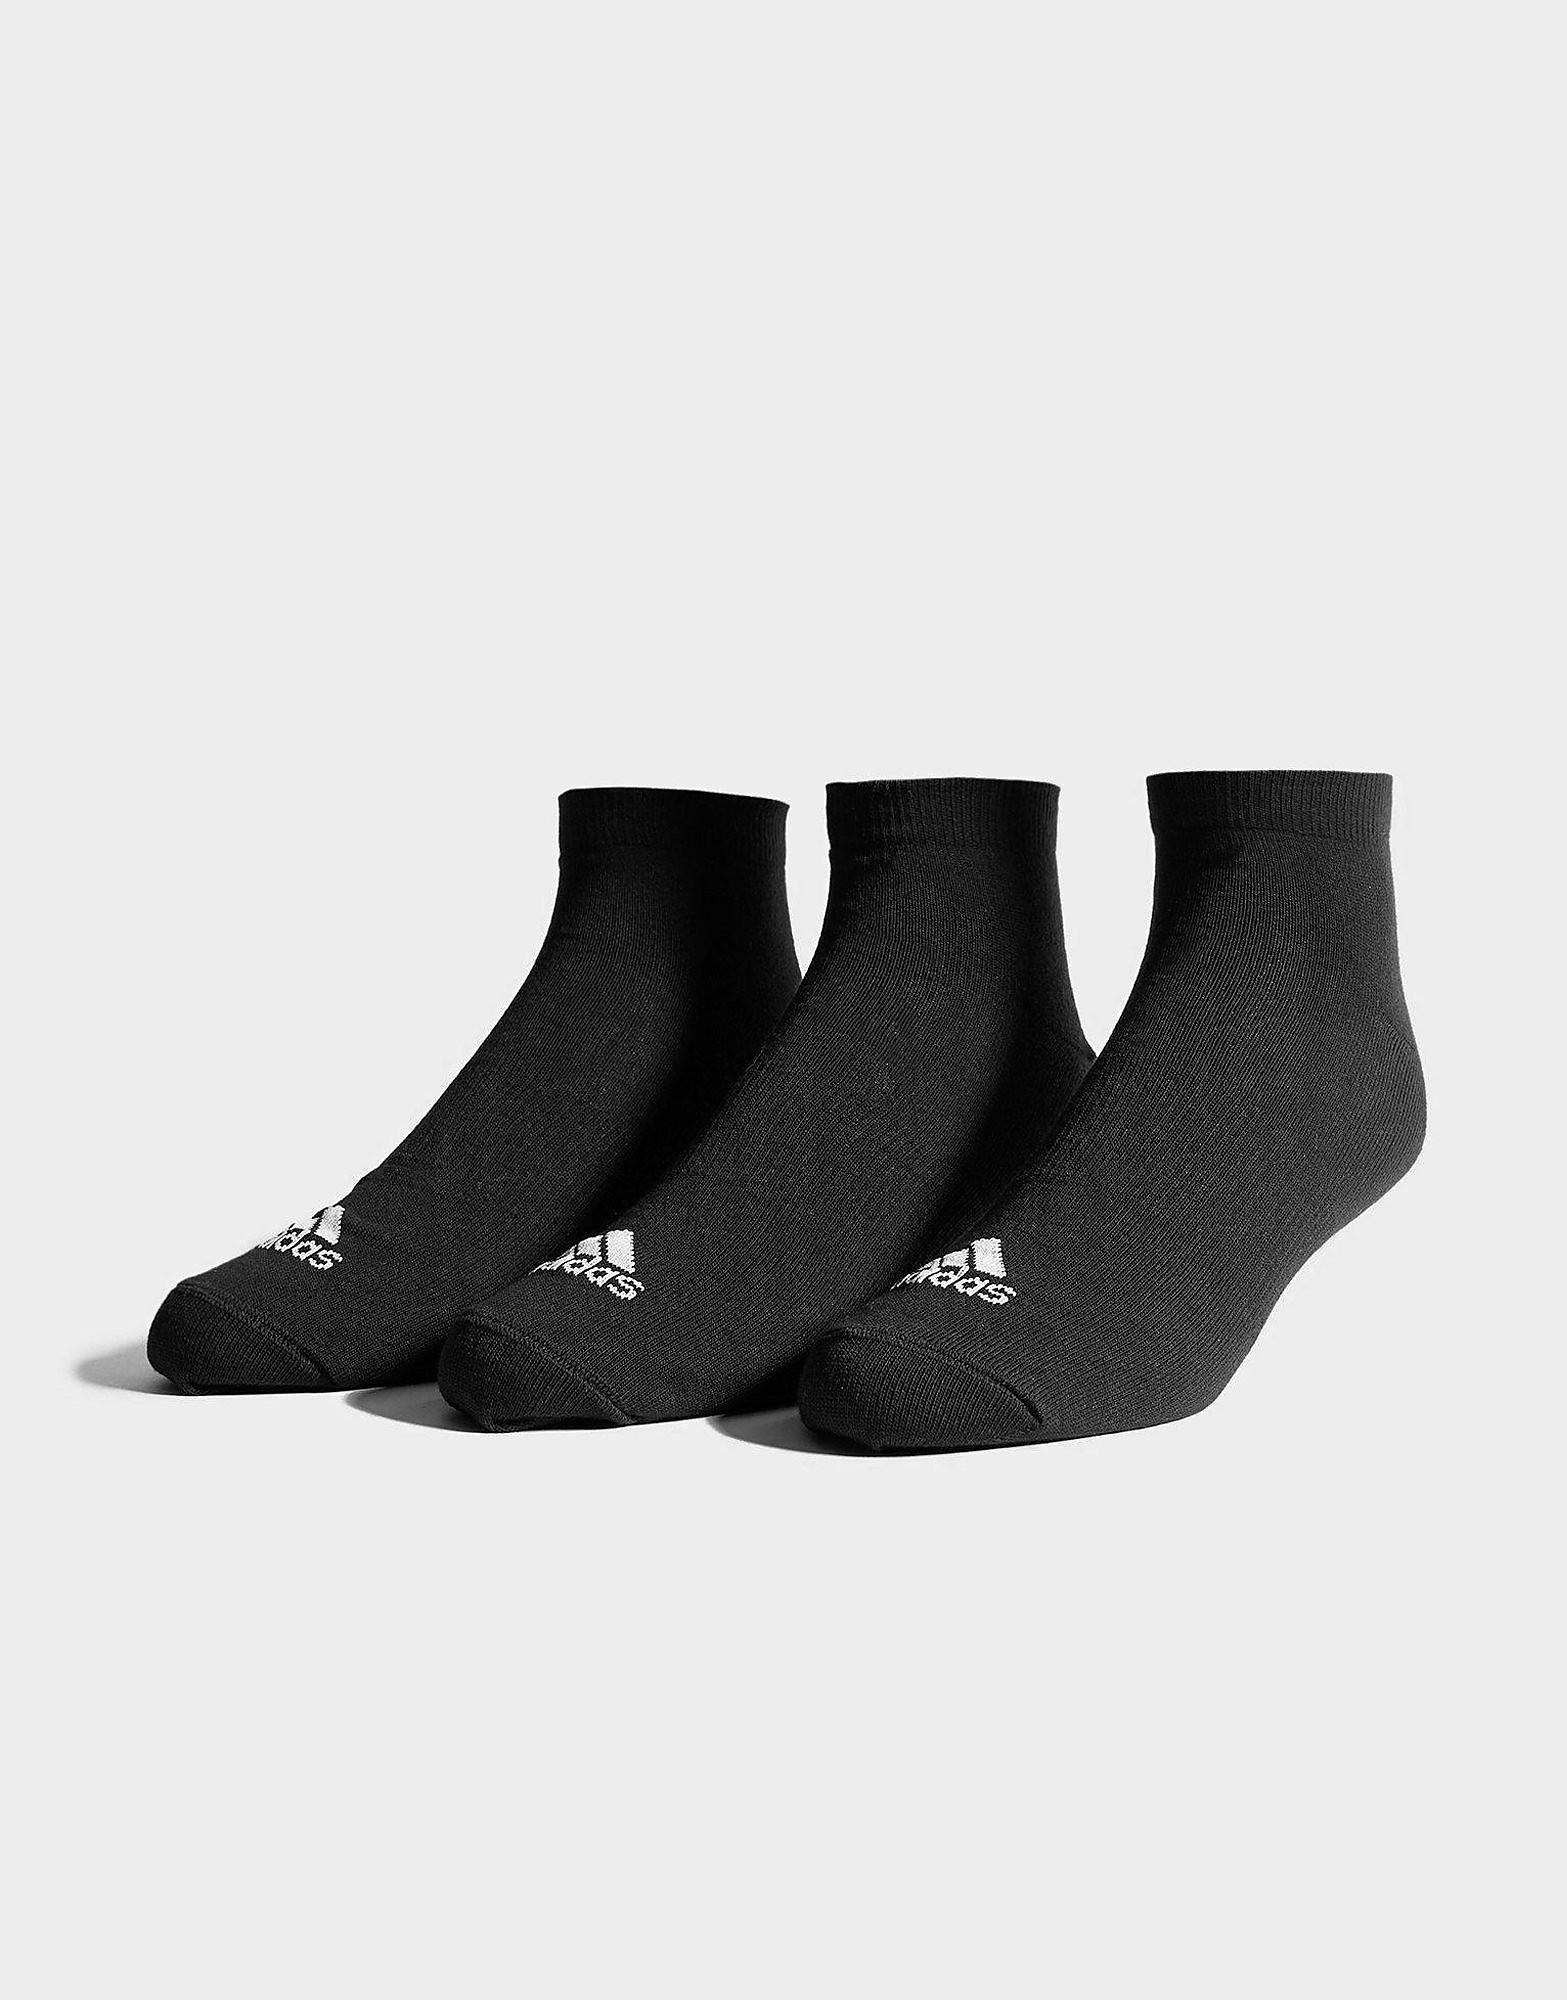 adidas 3 paar onzichtbare sokken